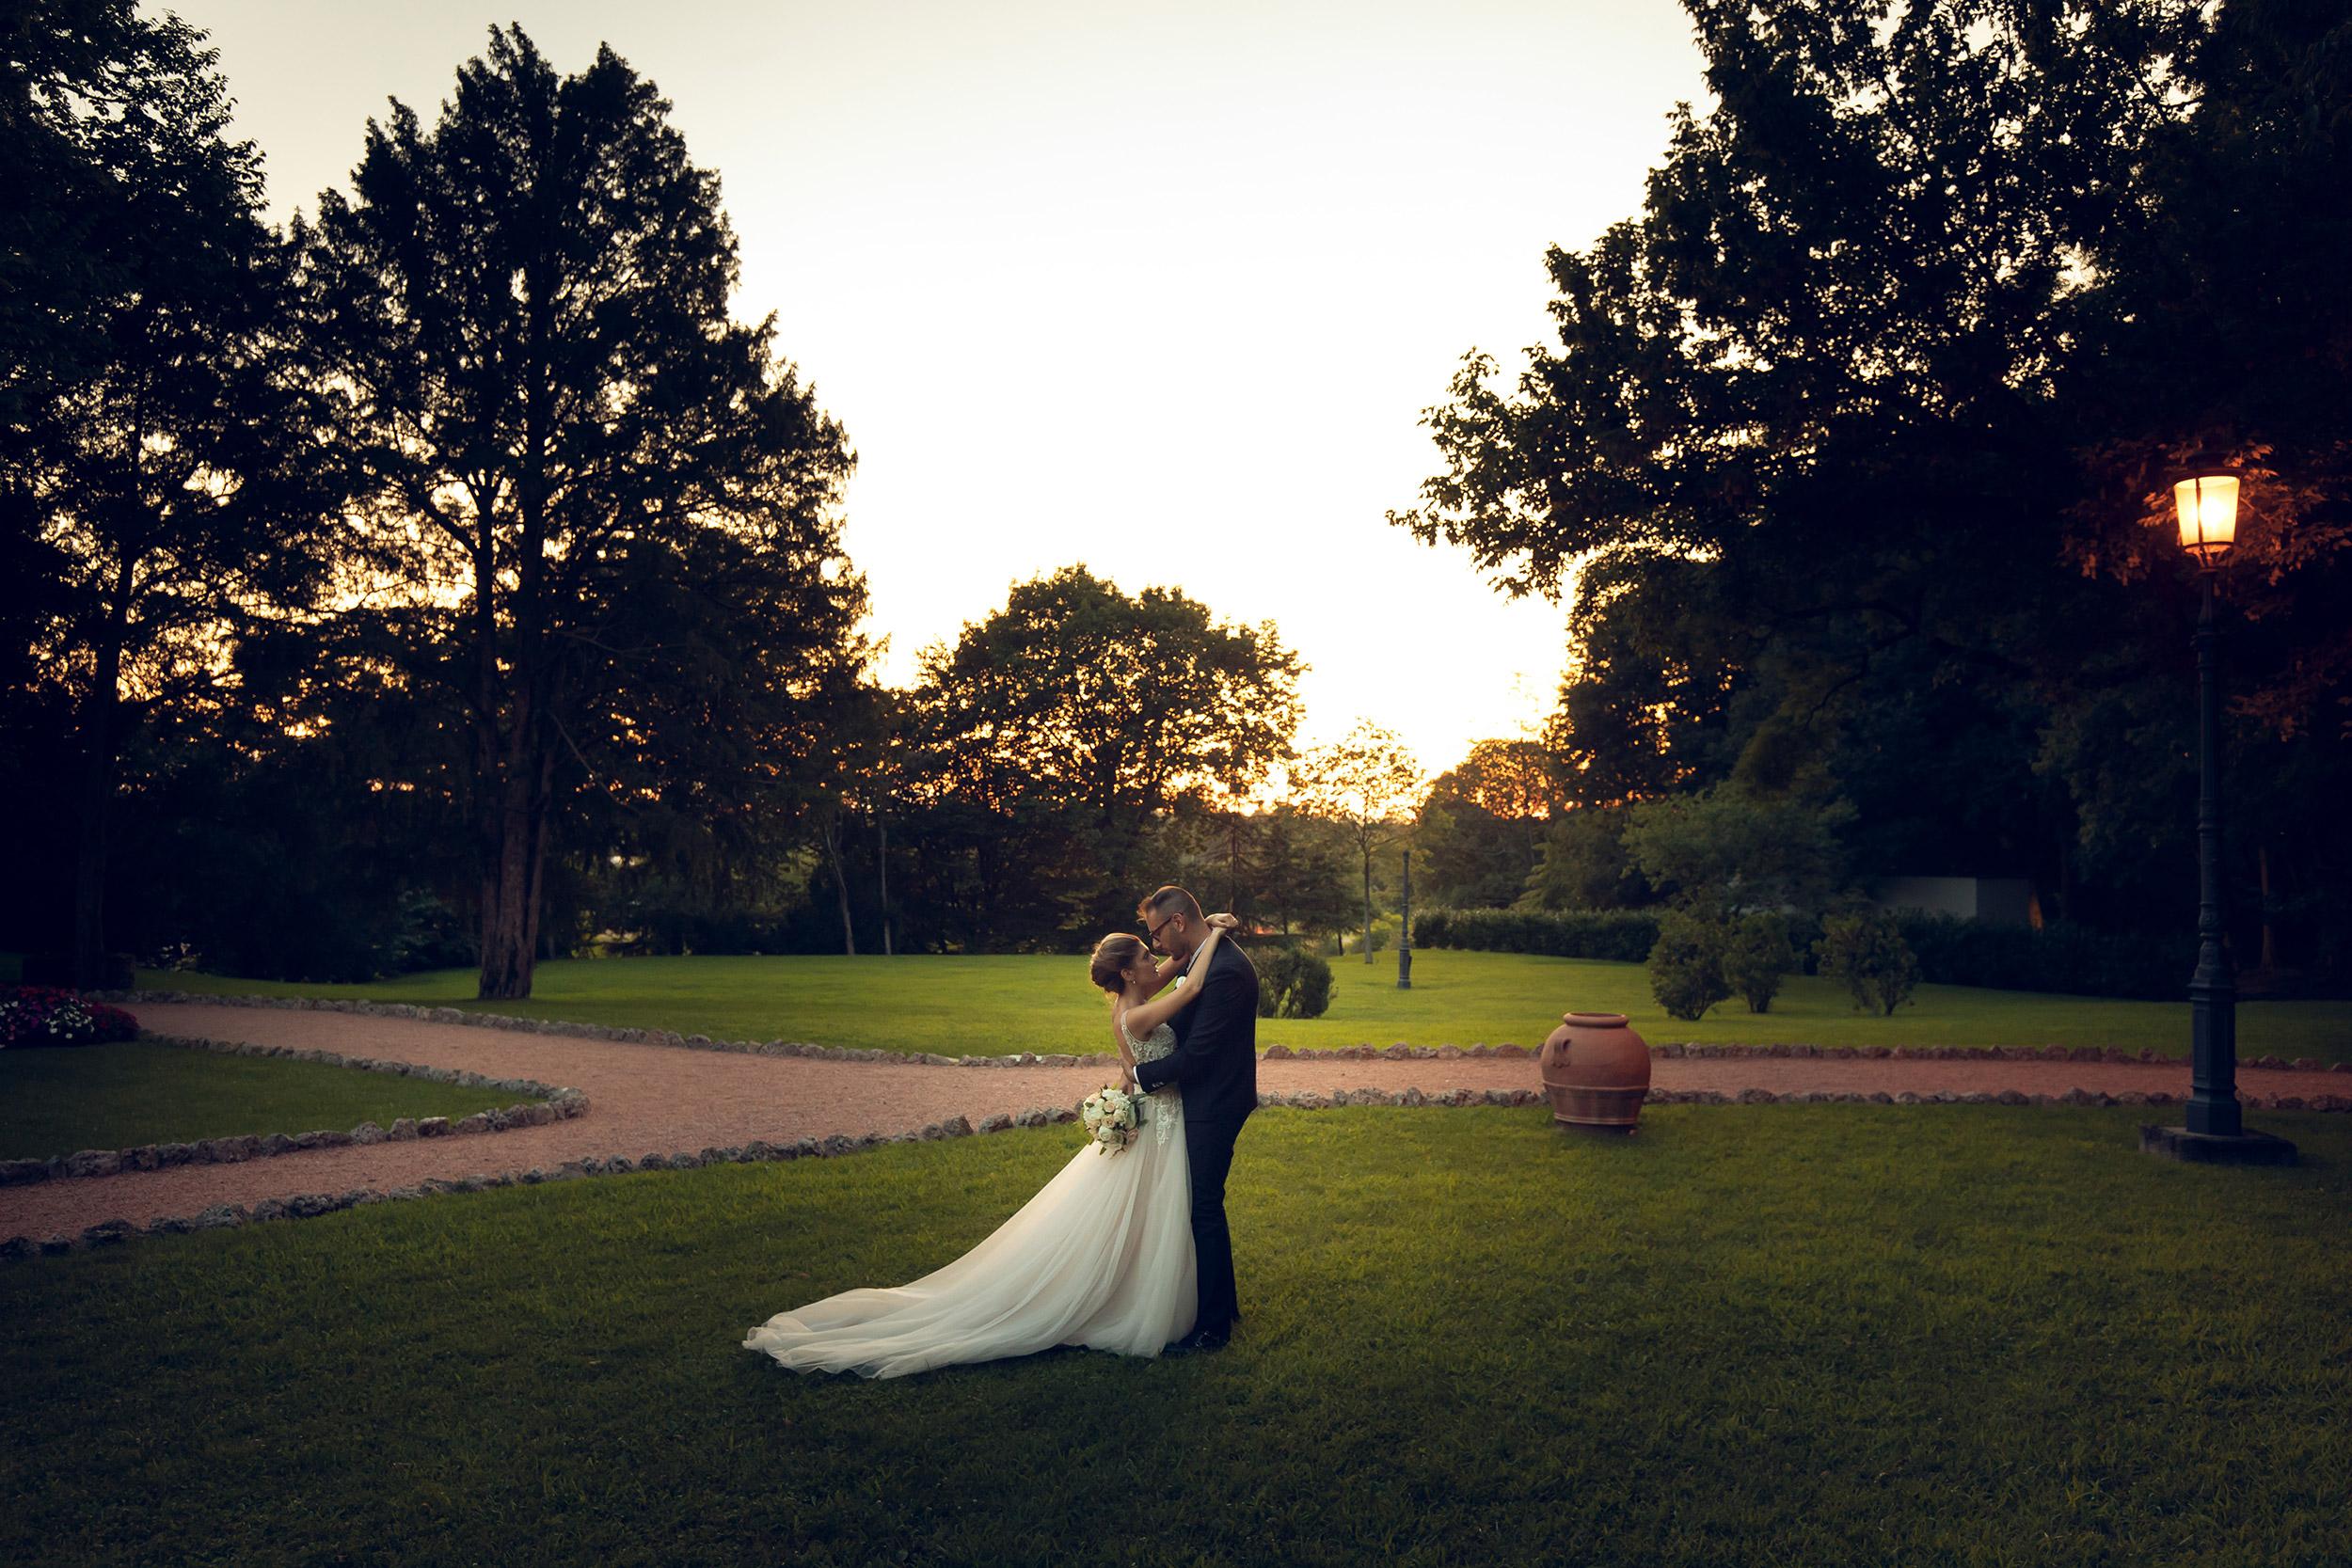 000 reportage wedding sposi foto matrimonio villa mattioli lesmo monza brianza 3